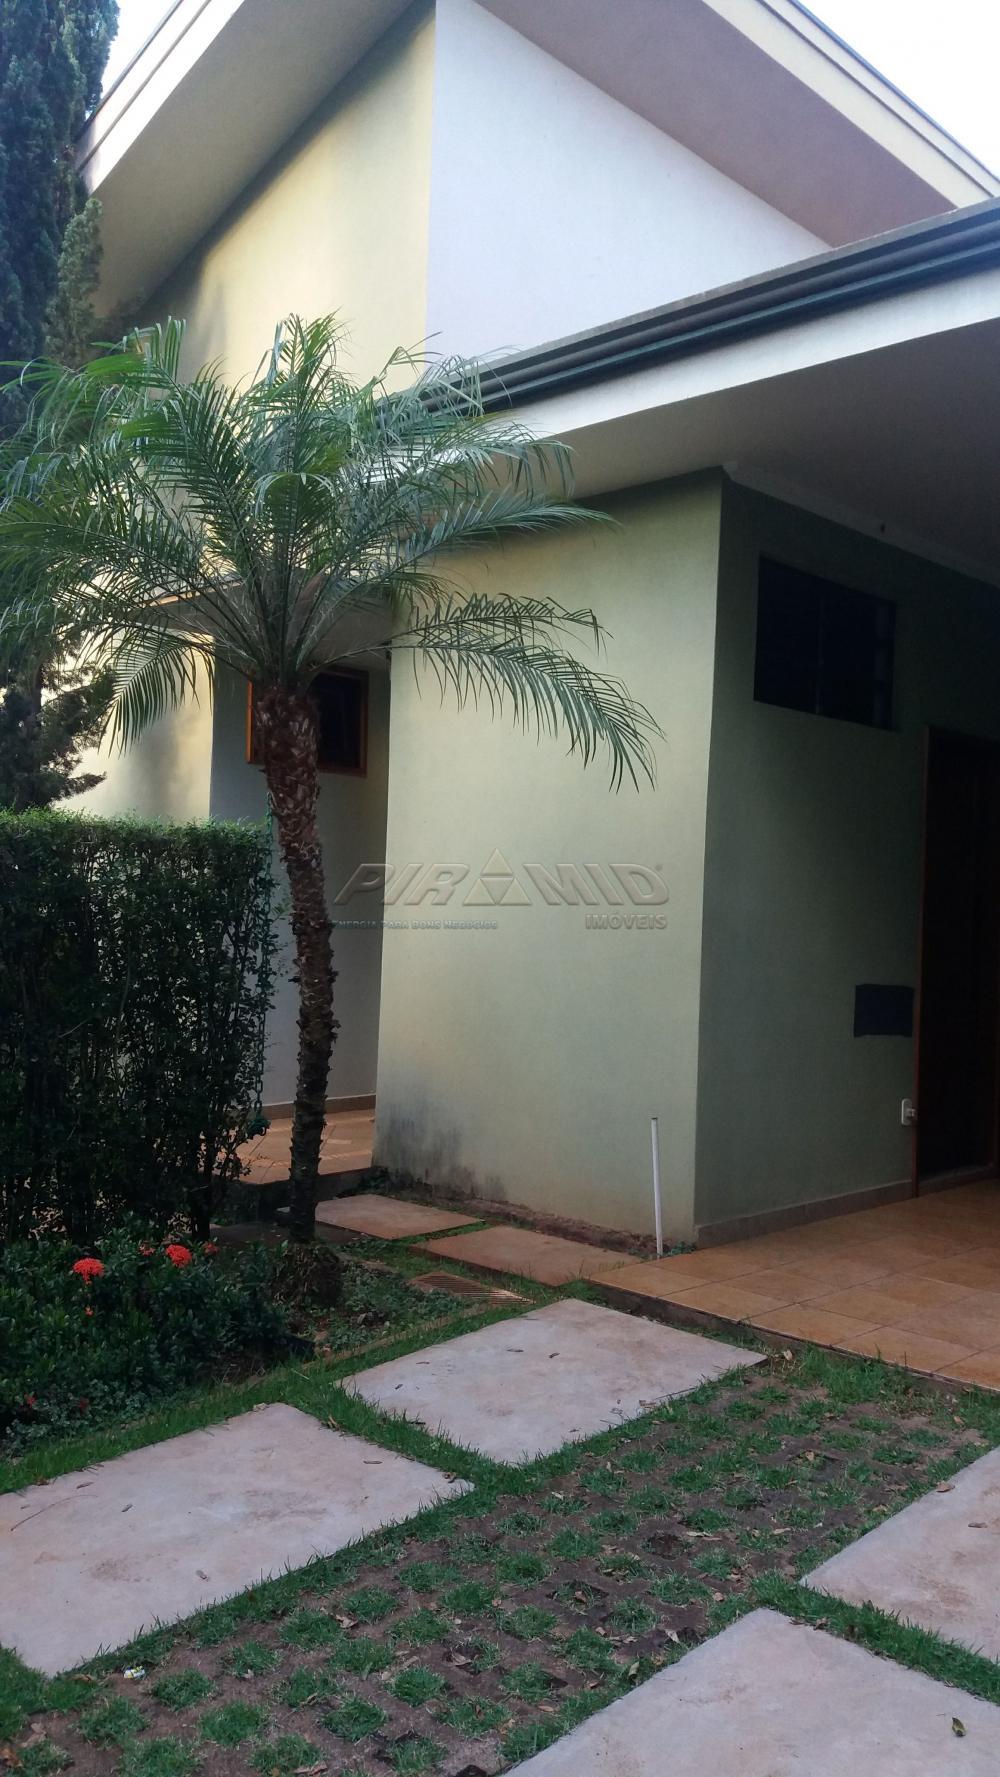 Comprar Casa / Padrão em Ribeirão Preto apenas R$ 690.000,00 - Foto 2